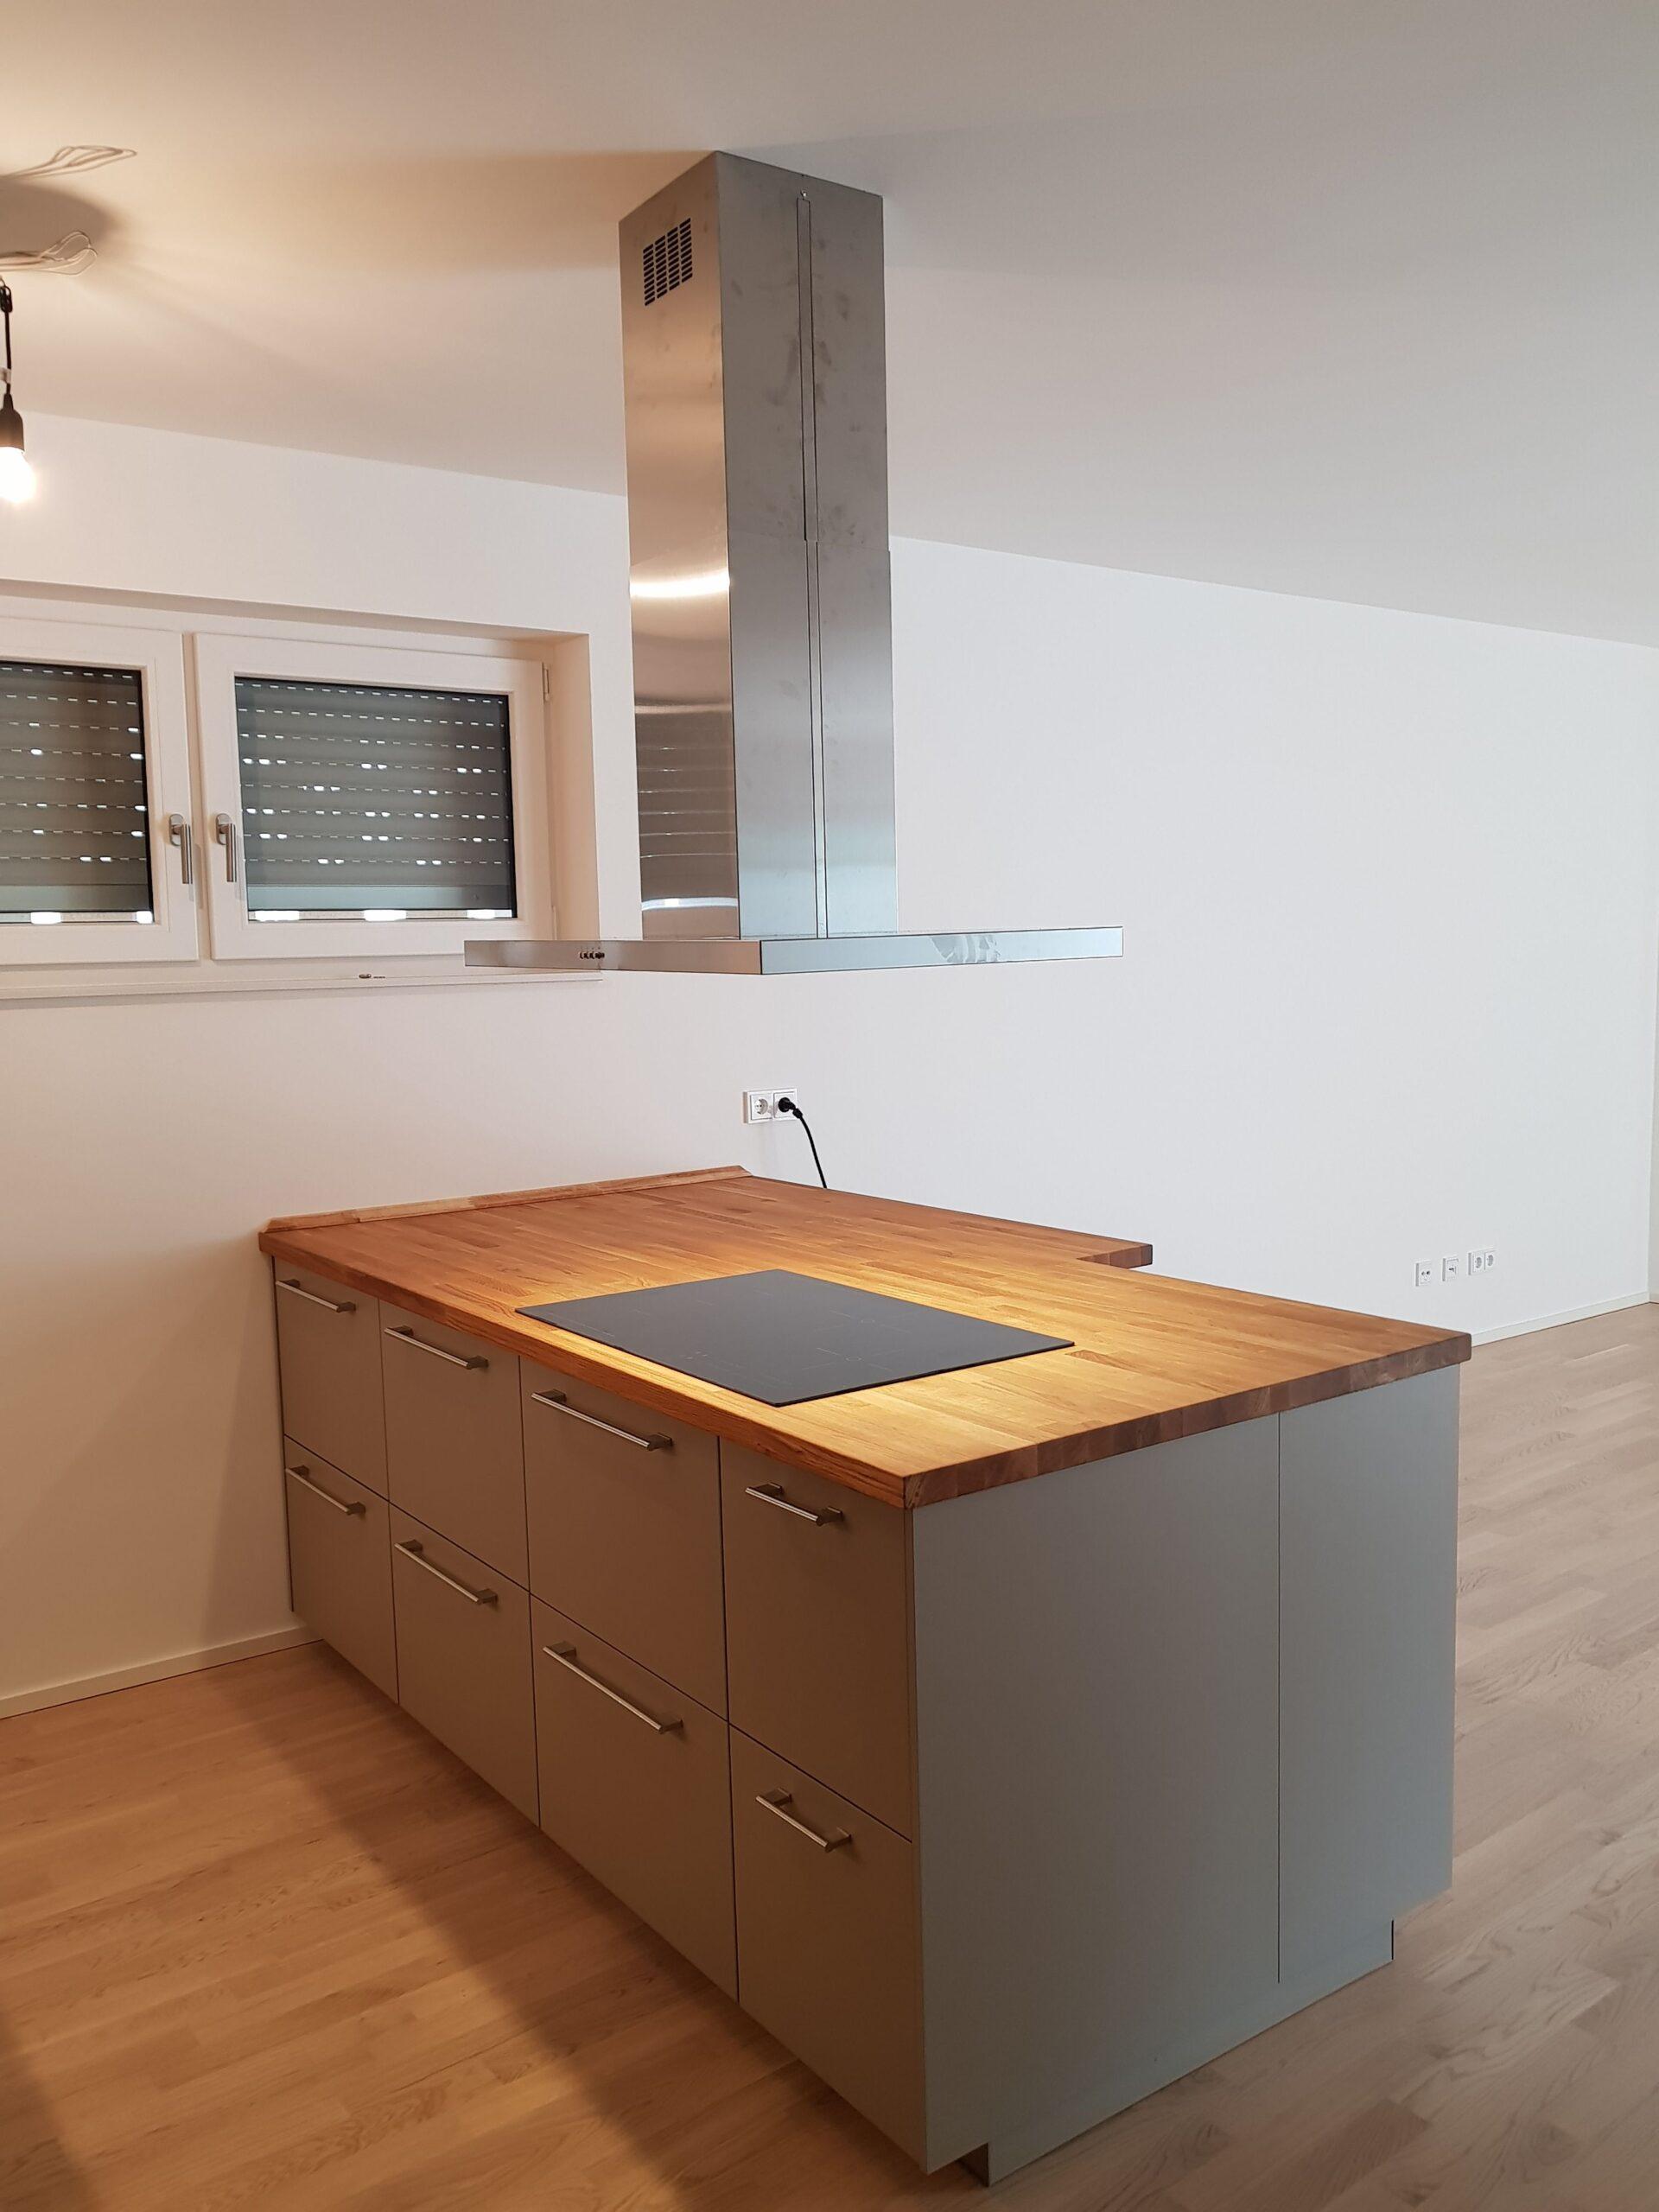 Full Size of Ubbalt Kche Dunkelbeige Offene Ikea Diy Mkki Küche Gewinnen Kaufen Mit Elektrogeräten Beistelltisch Wandbelag Selber Planen Doppel Mülleimer Tipps Wohnzimmer Offene Küche Ikea